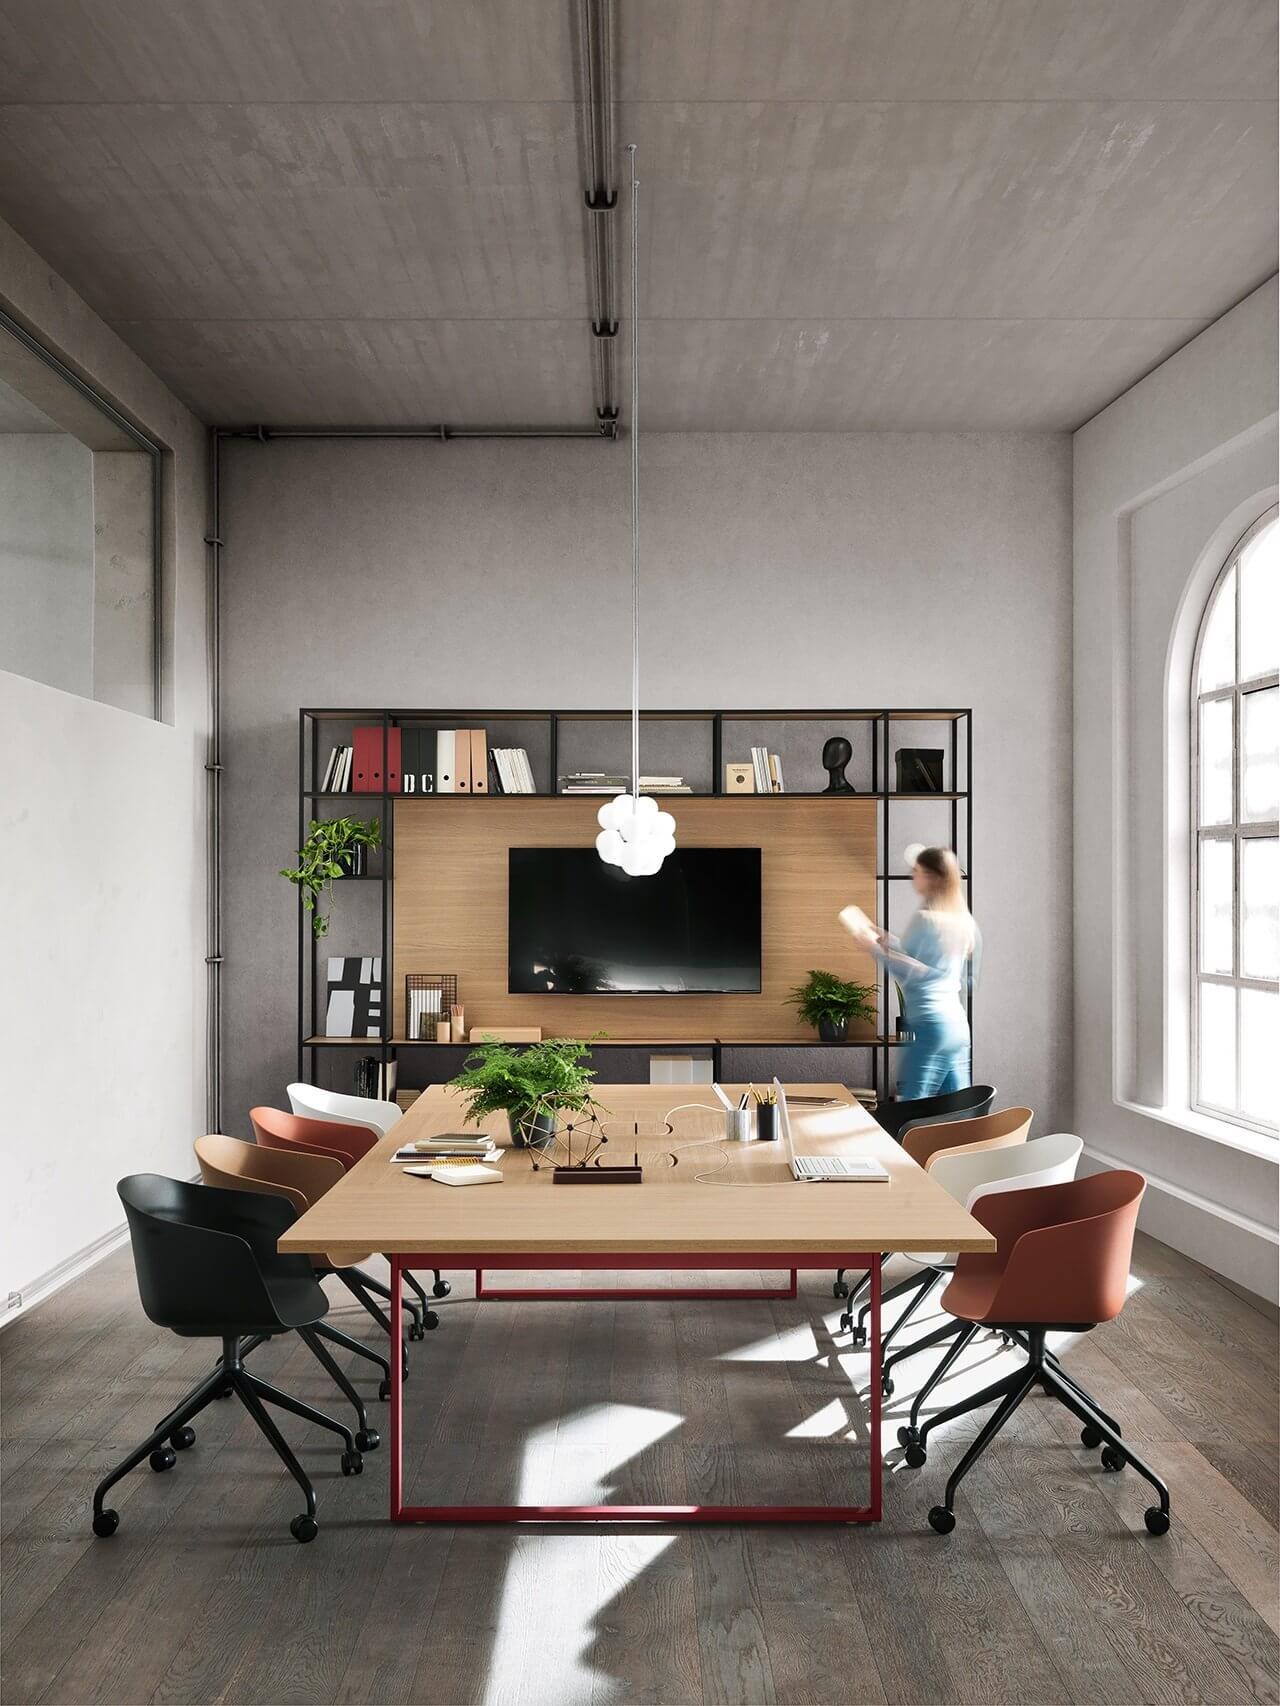 Armoire de bureau design BIOME avec écran TV intégré.